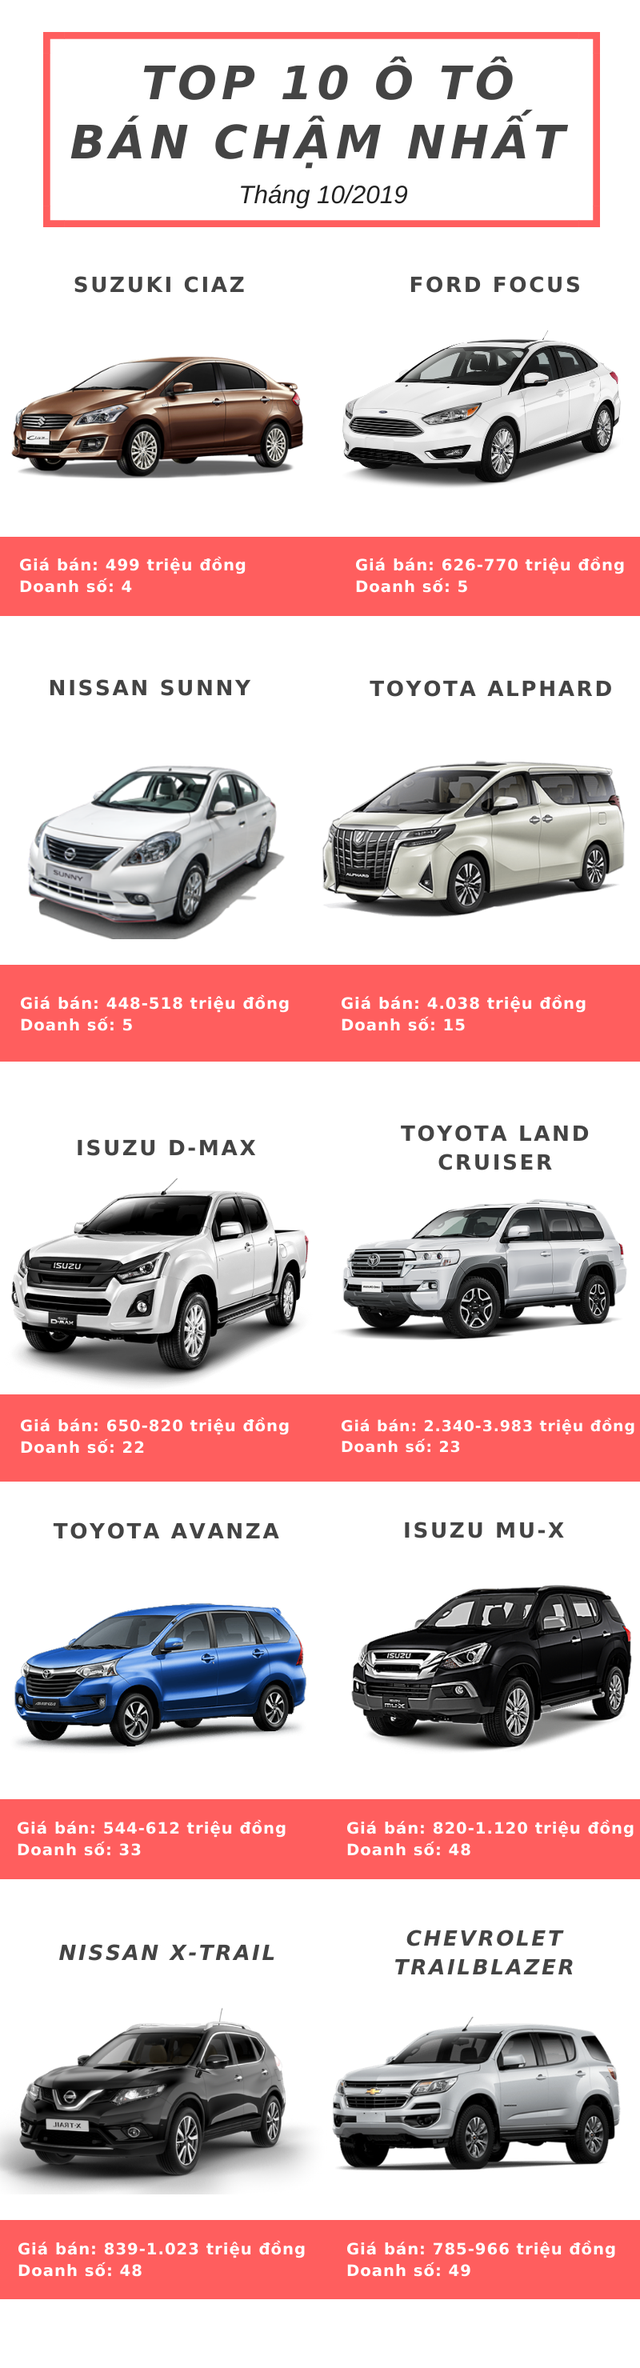 Điểm mặt 10 xe ô tô ế ẩm nhất trong tháng 10/2019: Suzuki Ciaz đầu bảng, Toyota góp mặt 3 mẫu xe  - Ảnh 1.